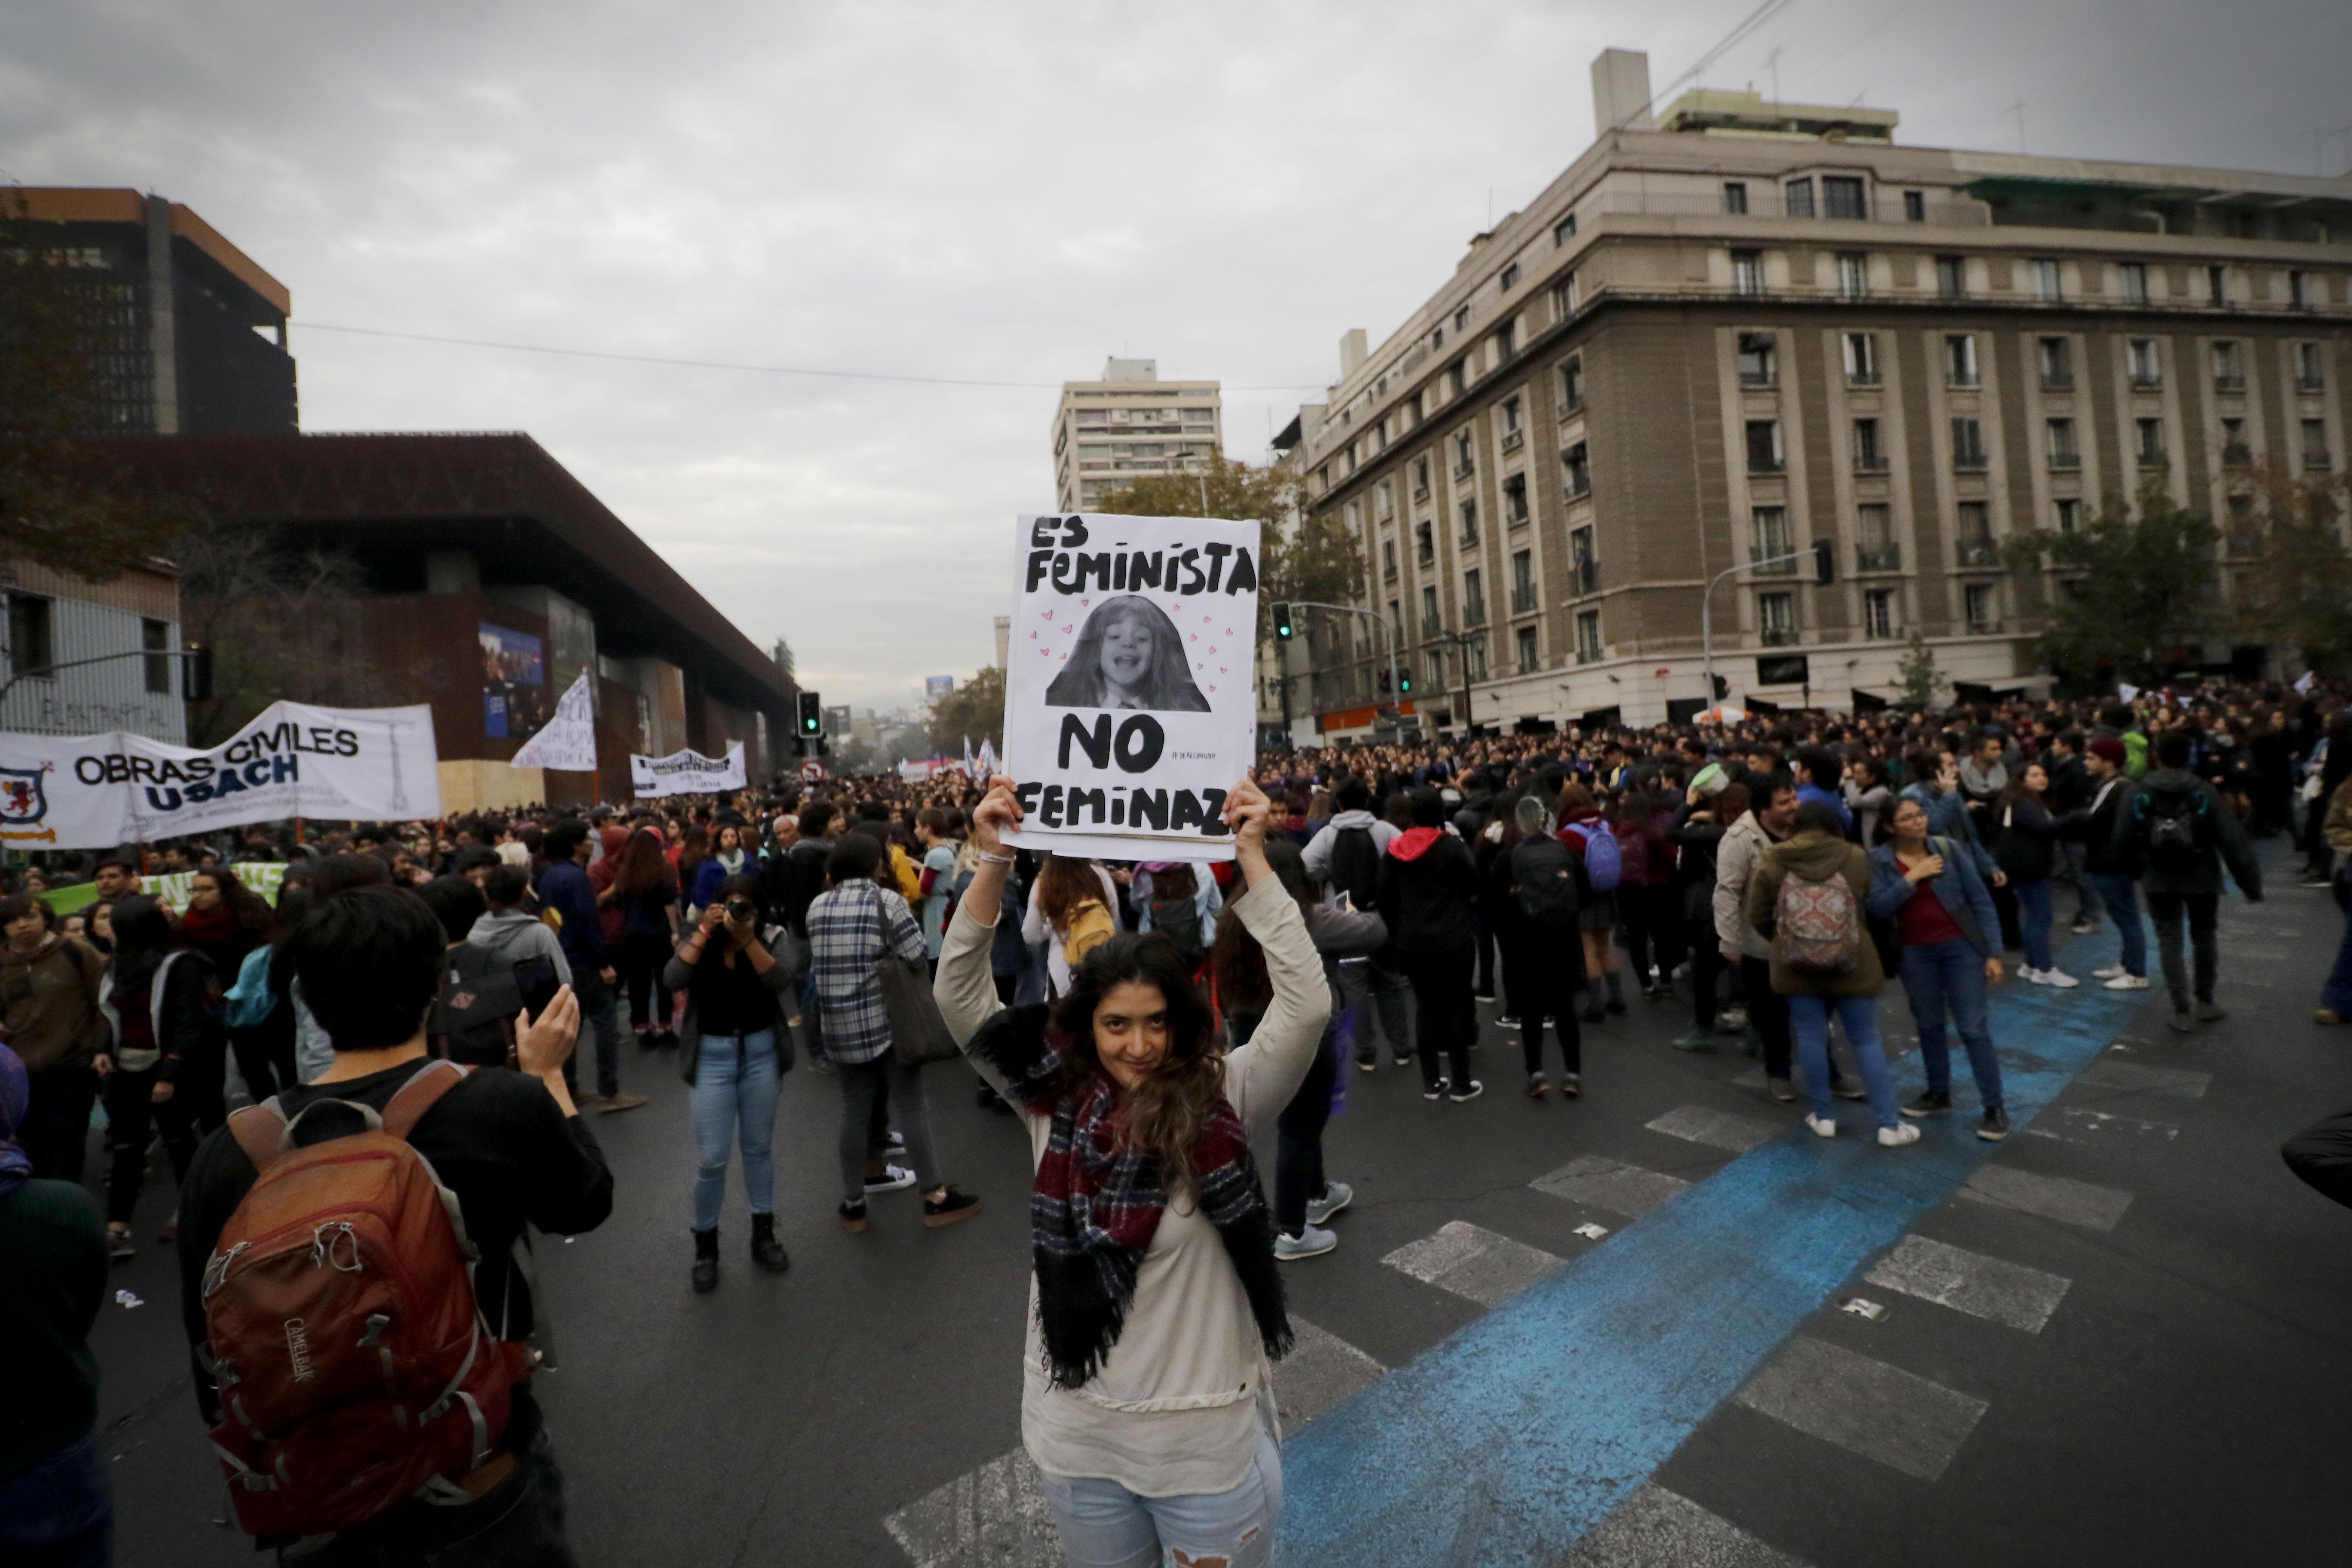 FOTOS | Emotivo abrazo entre carabinera y manifestantes de la marcha feminista da la vuelta Chile